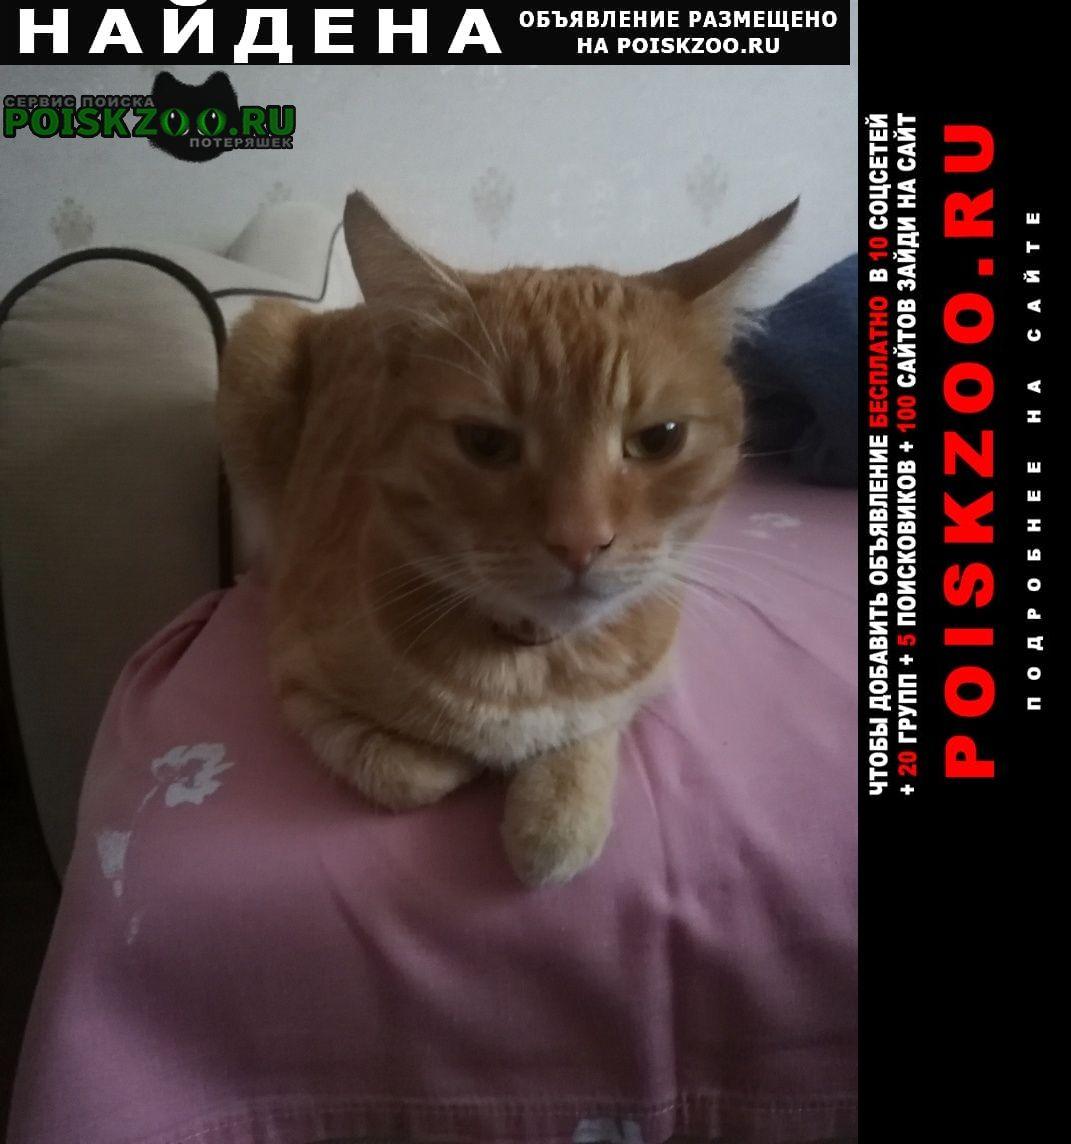 Найдена кошка на Московский